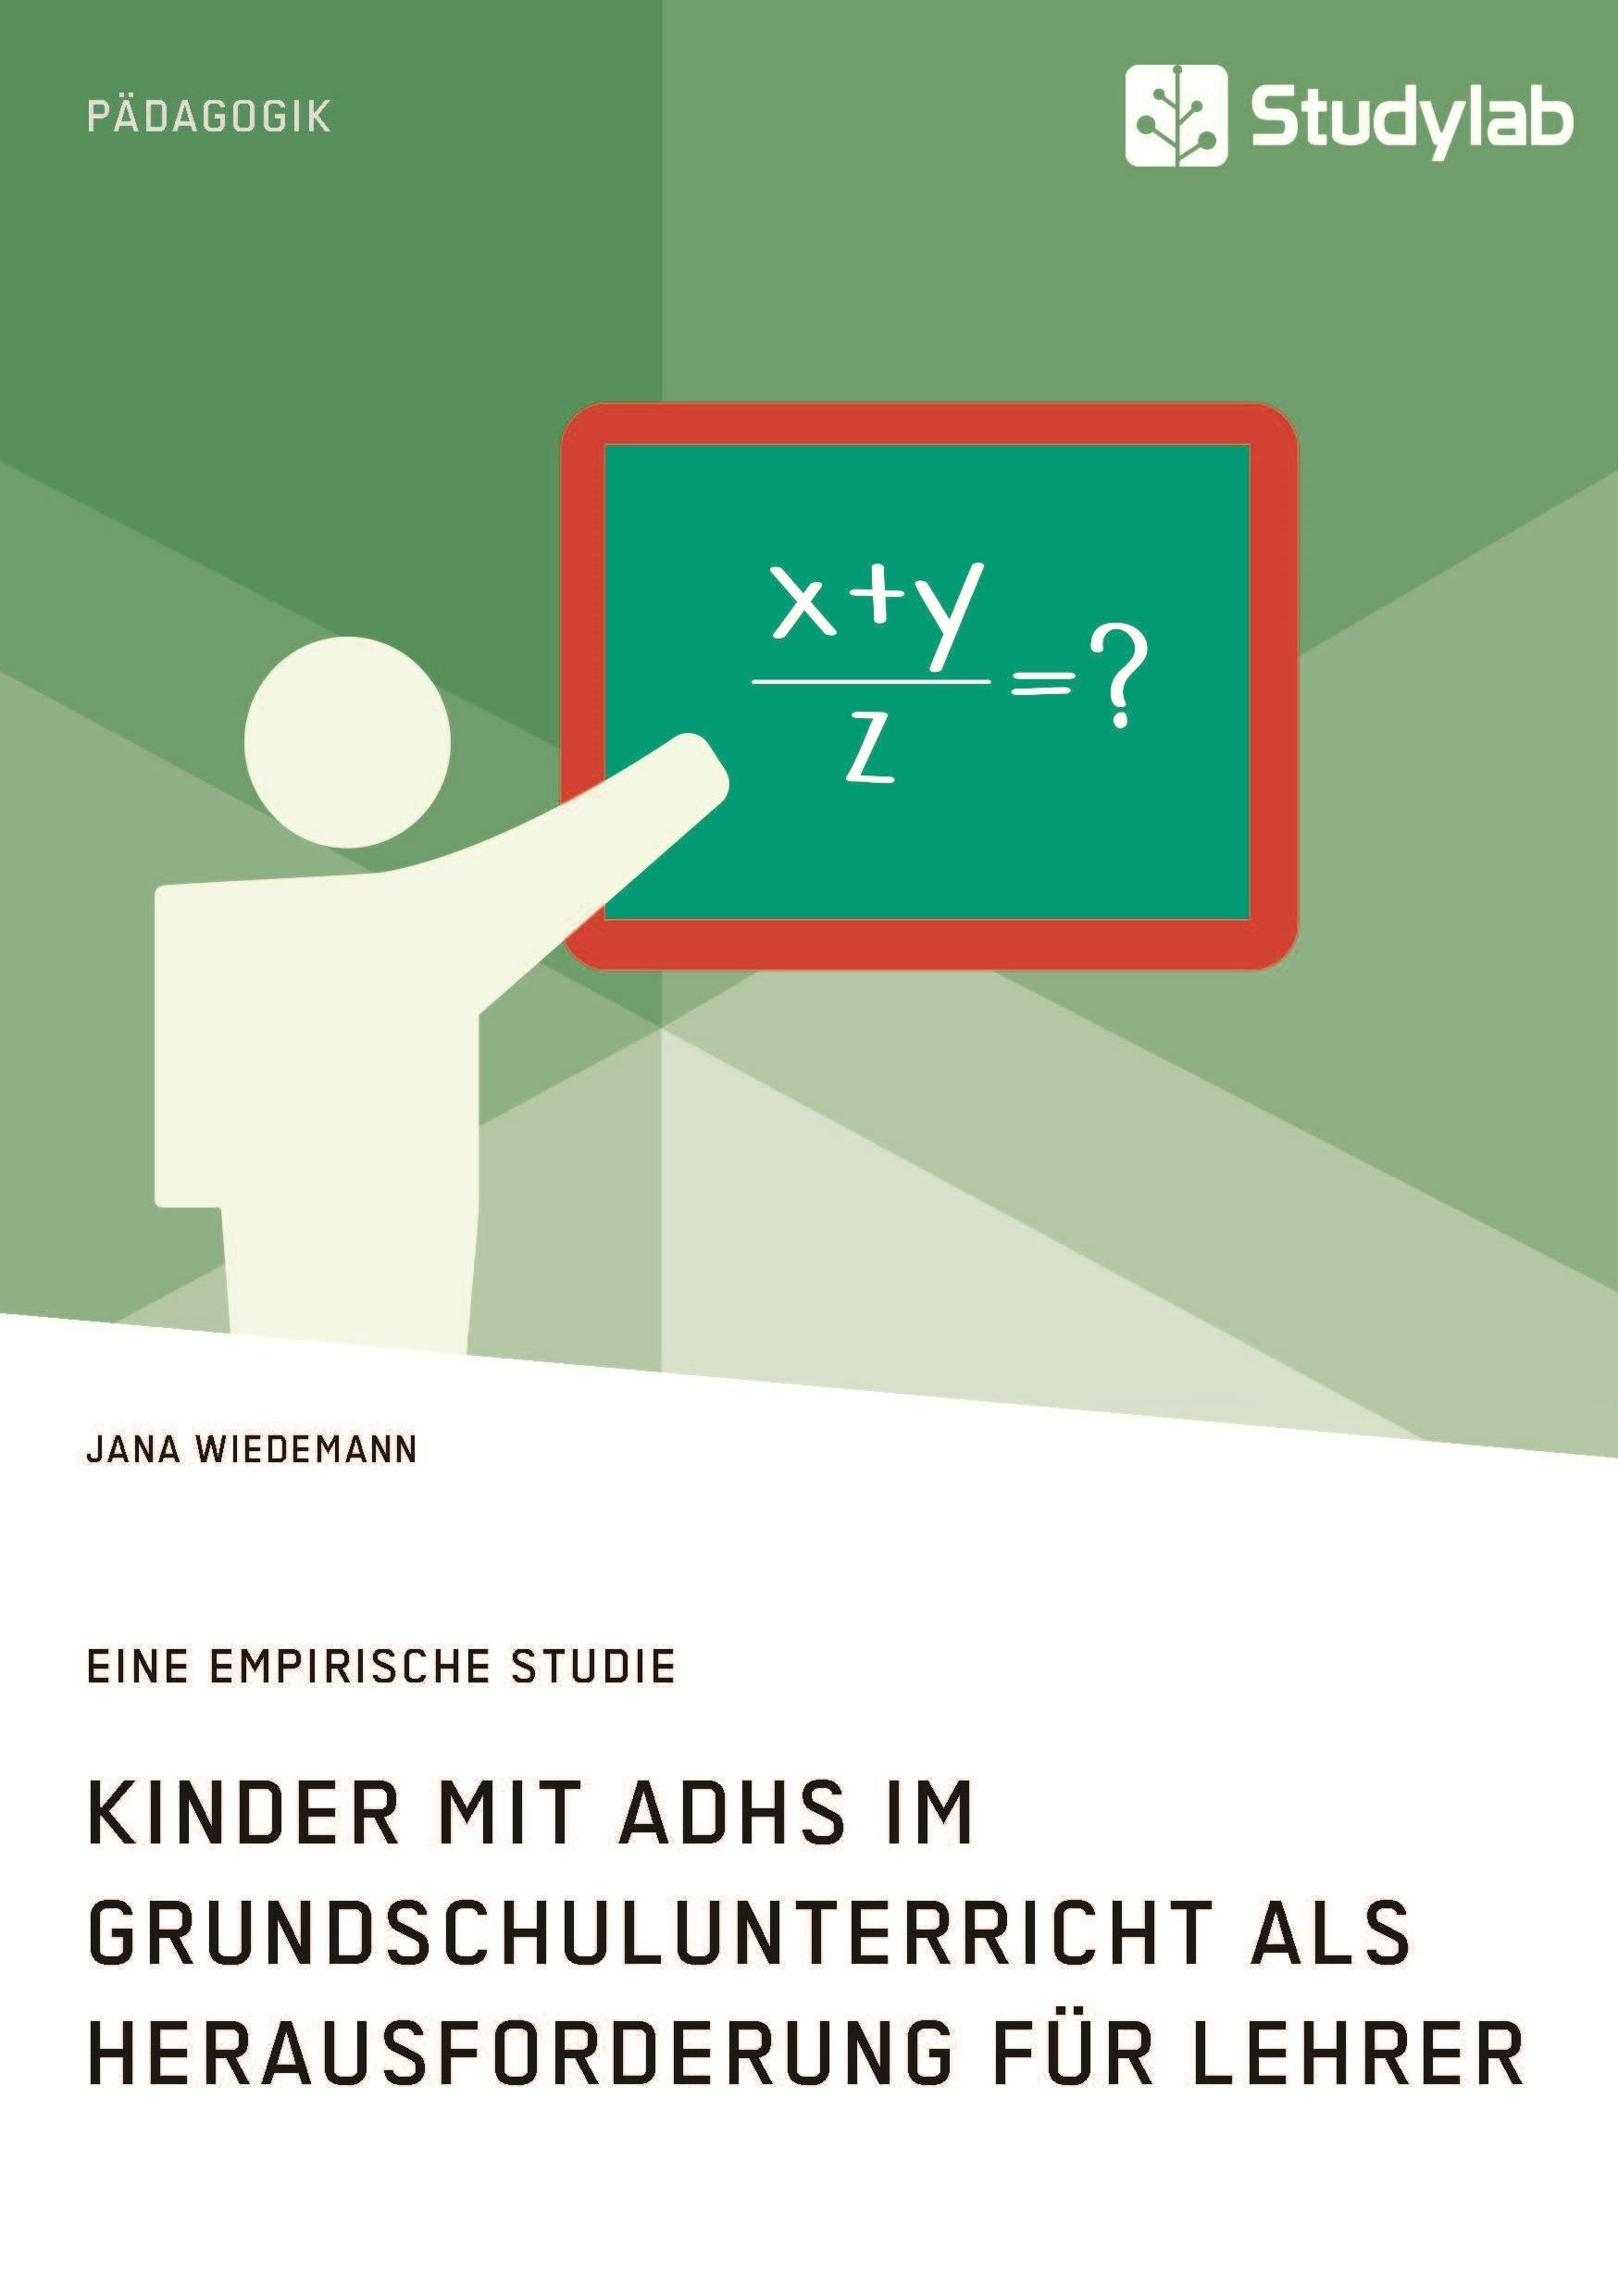 Titel: Kinder mit ADHS im Grundschulunterricht als Herausforderung für Lehrer